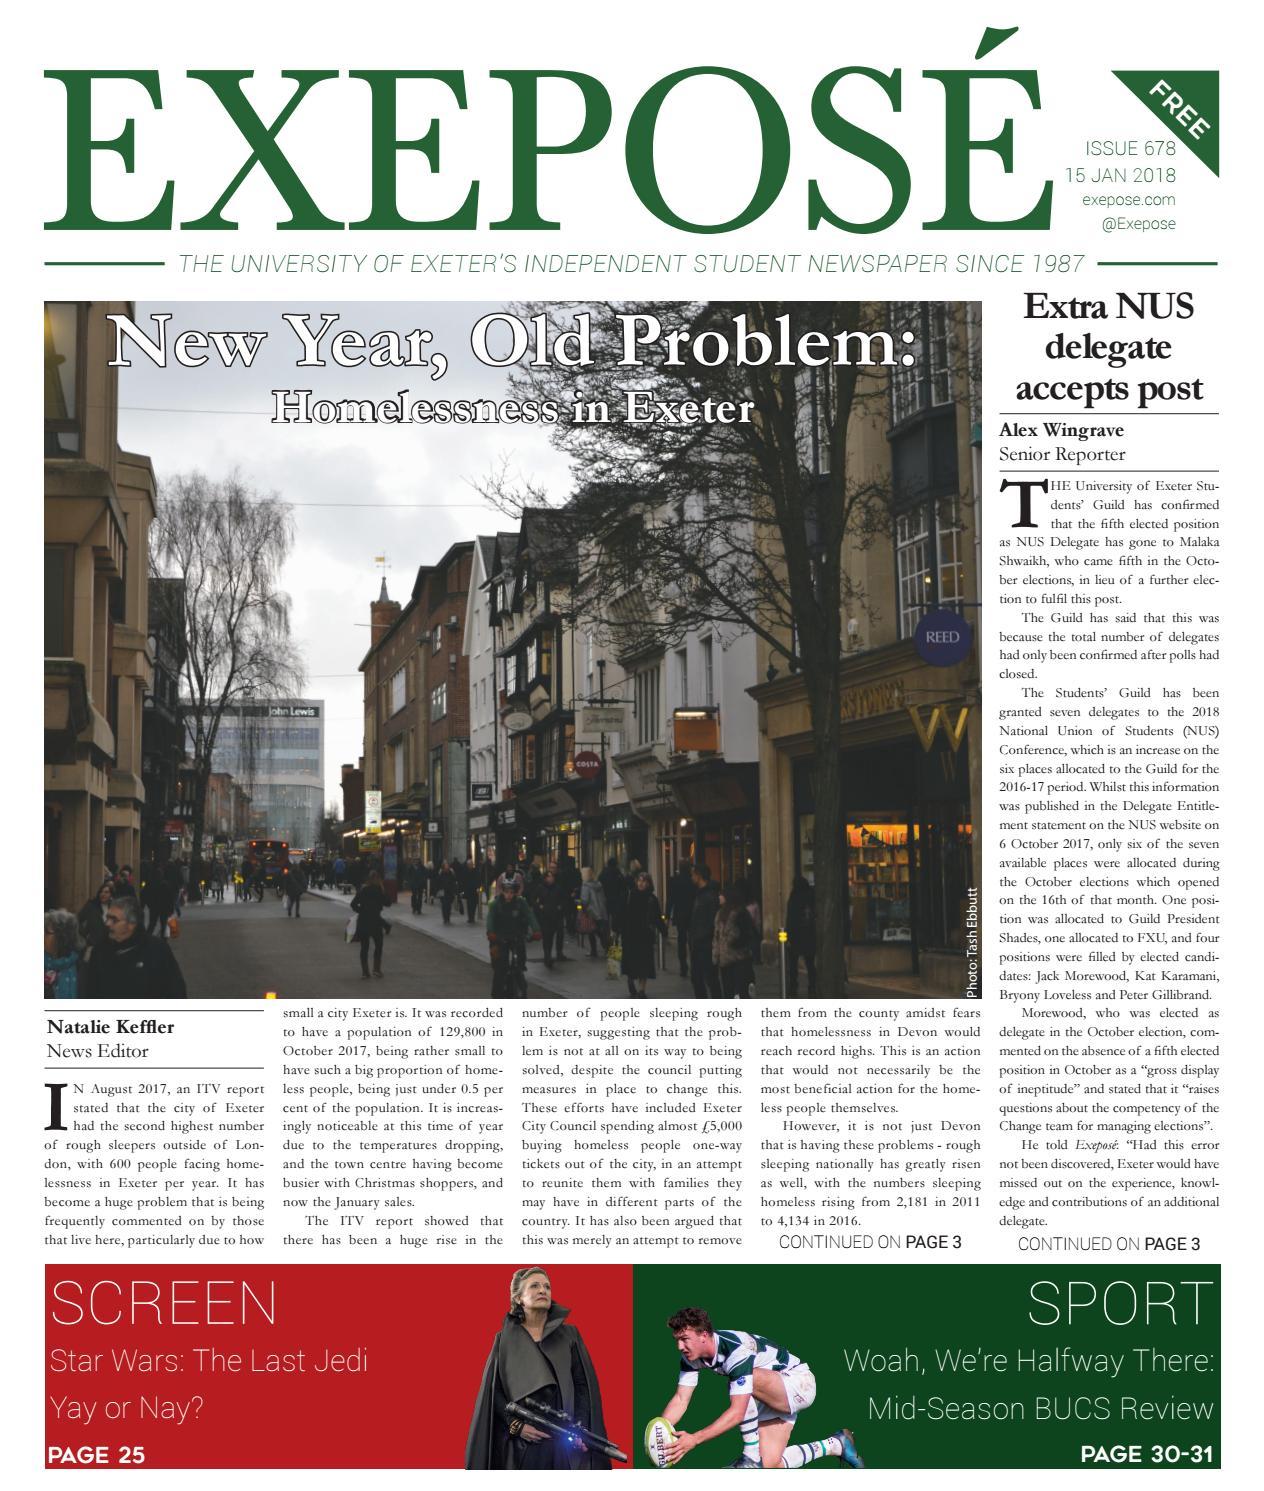 Alt Binaries Global Quake Free issue 678 1 15 01 2018exeposé - issuu